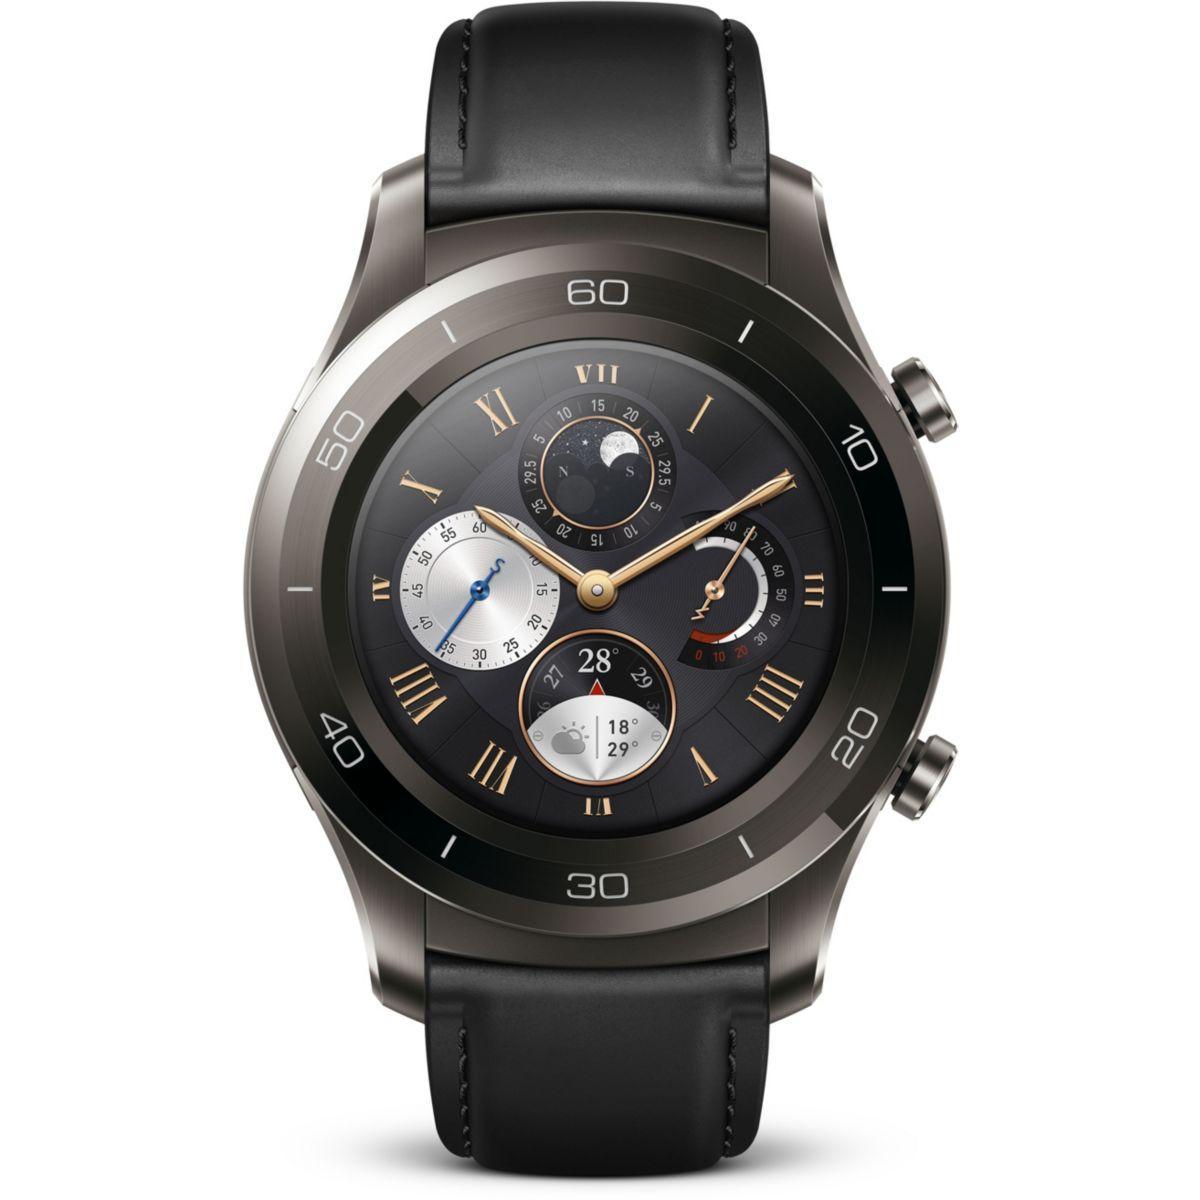 Montre huawei watch 2 classic titanium g - 10% de remise immédiate avec le code : cool10 (photo)